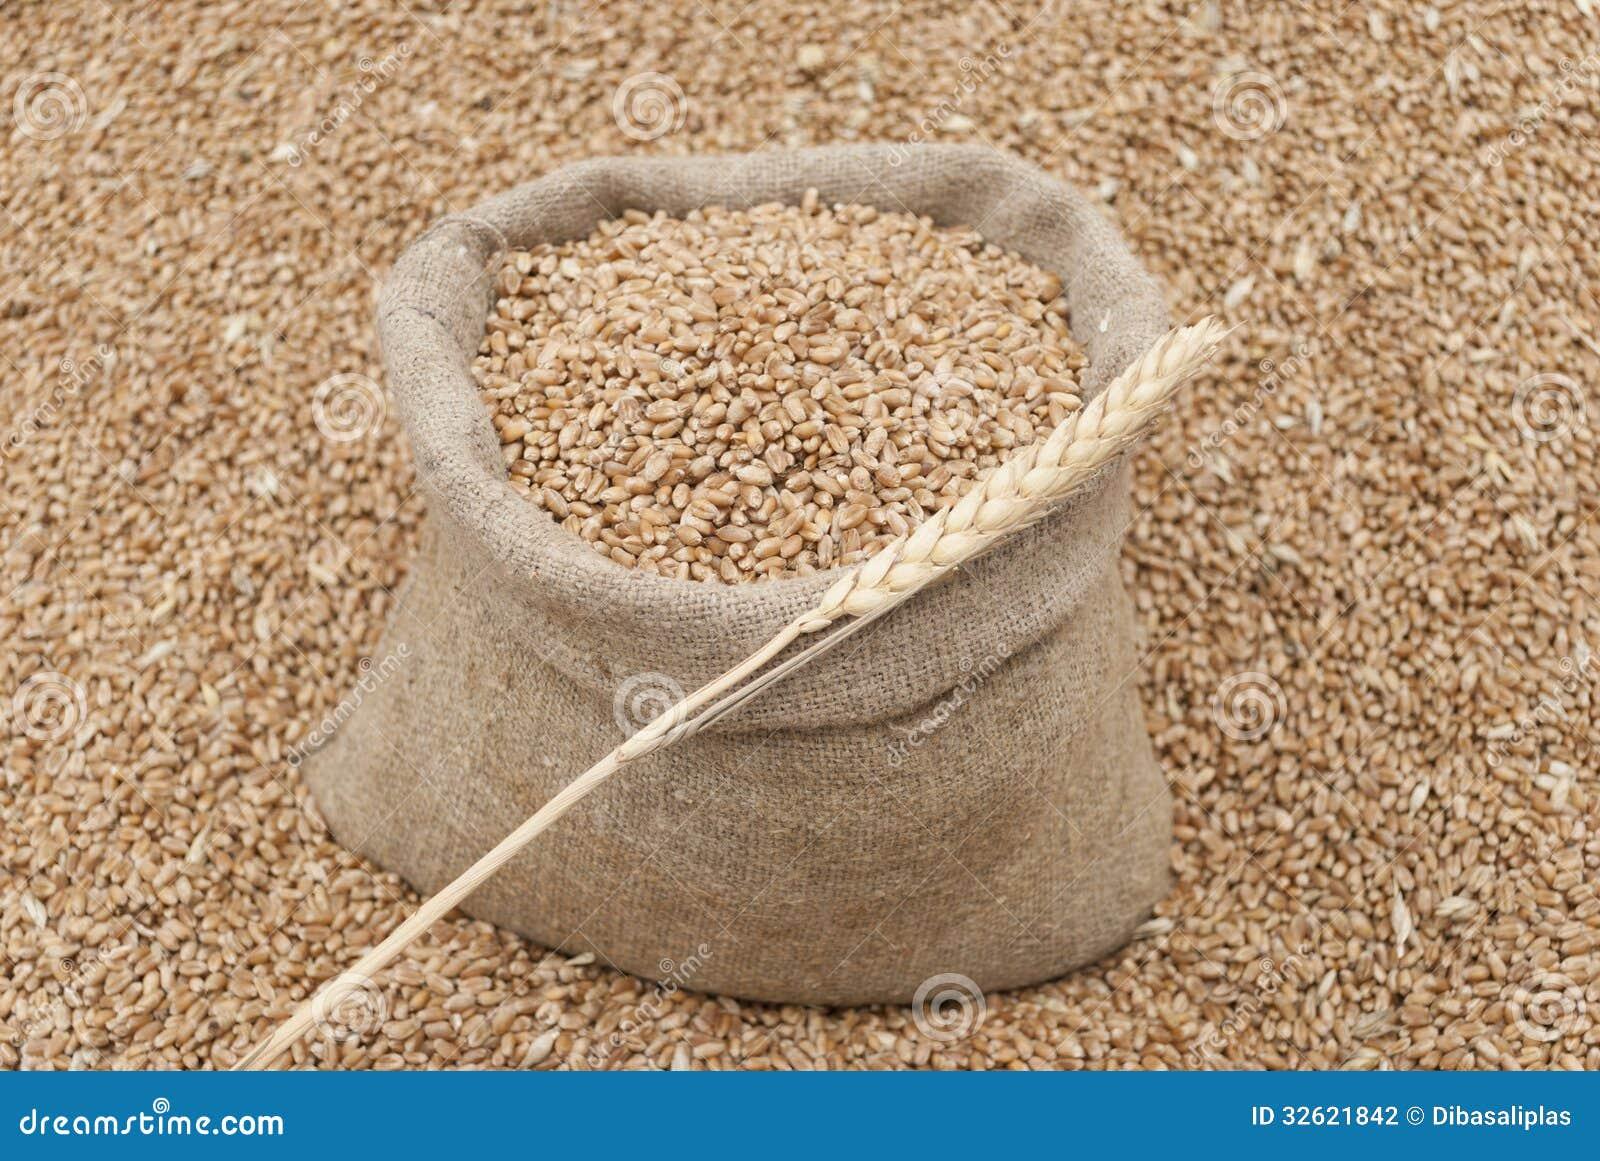 Saco do trigo.